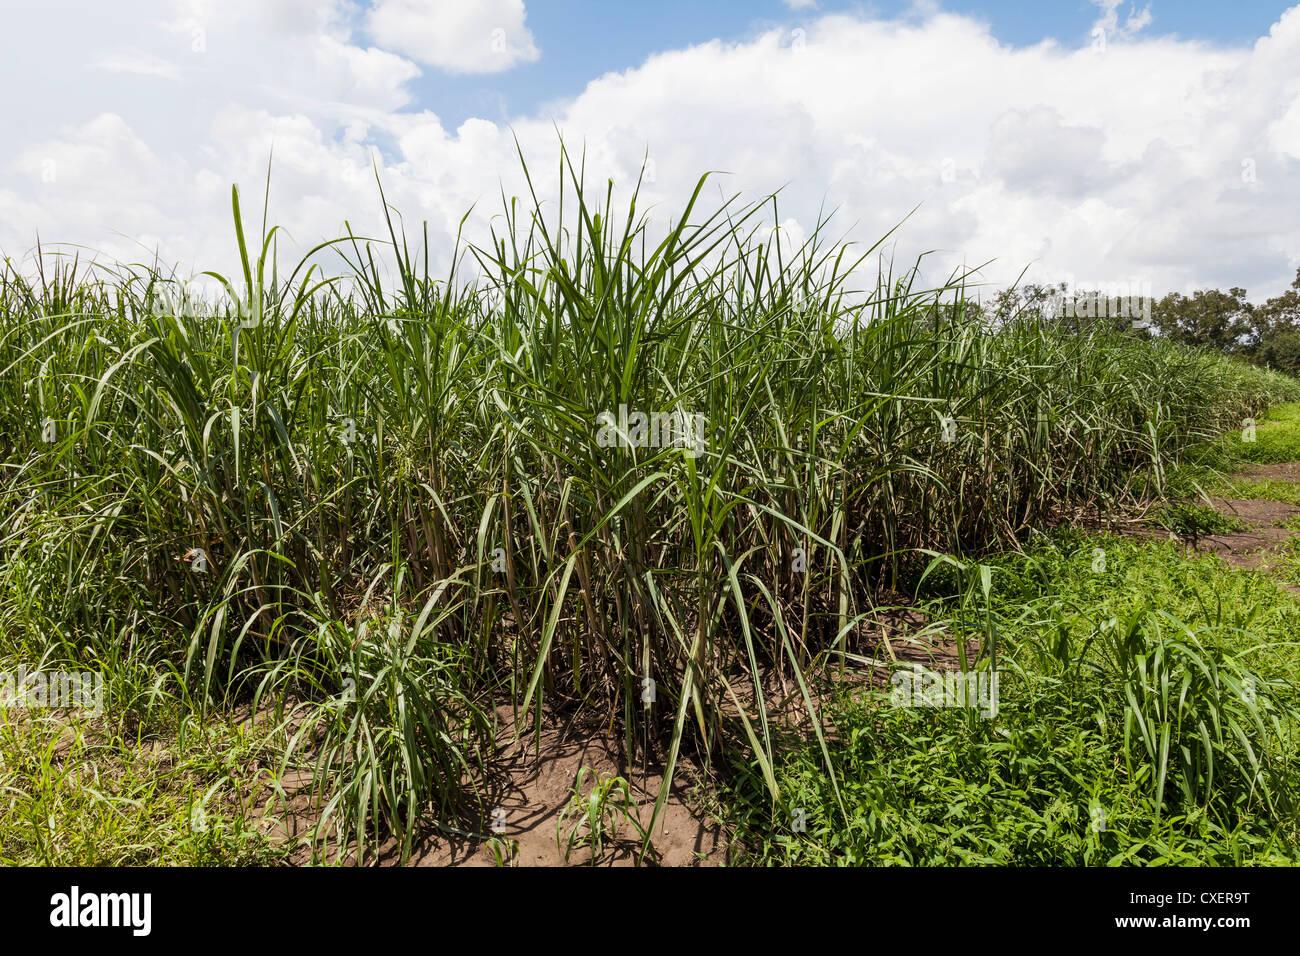 how to make sugar cane